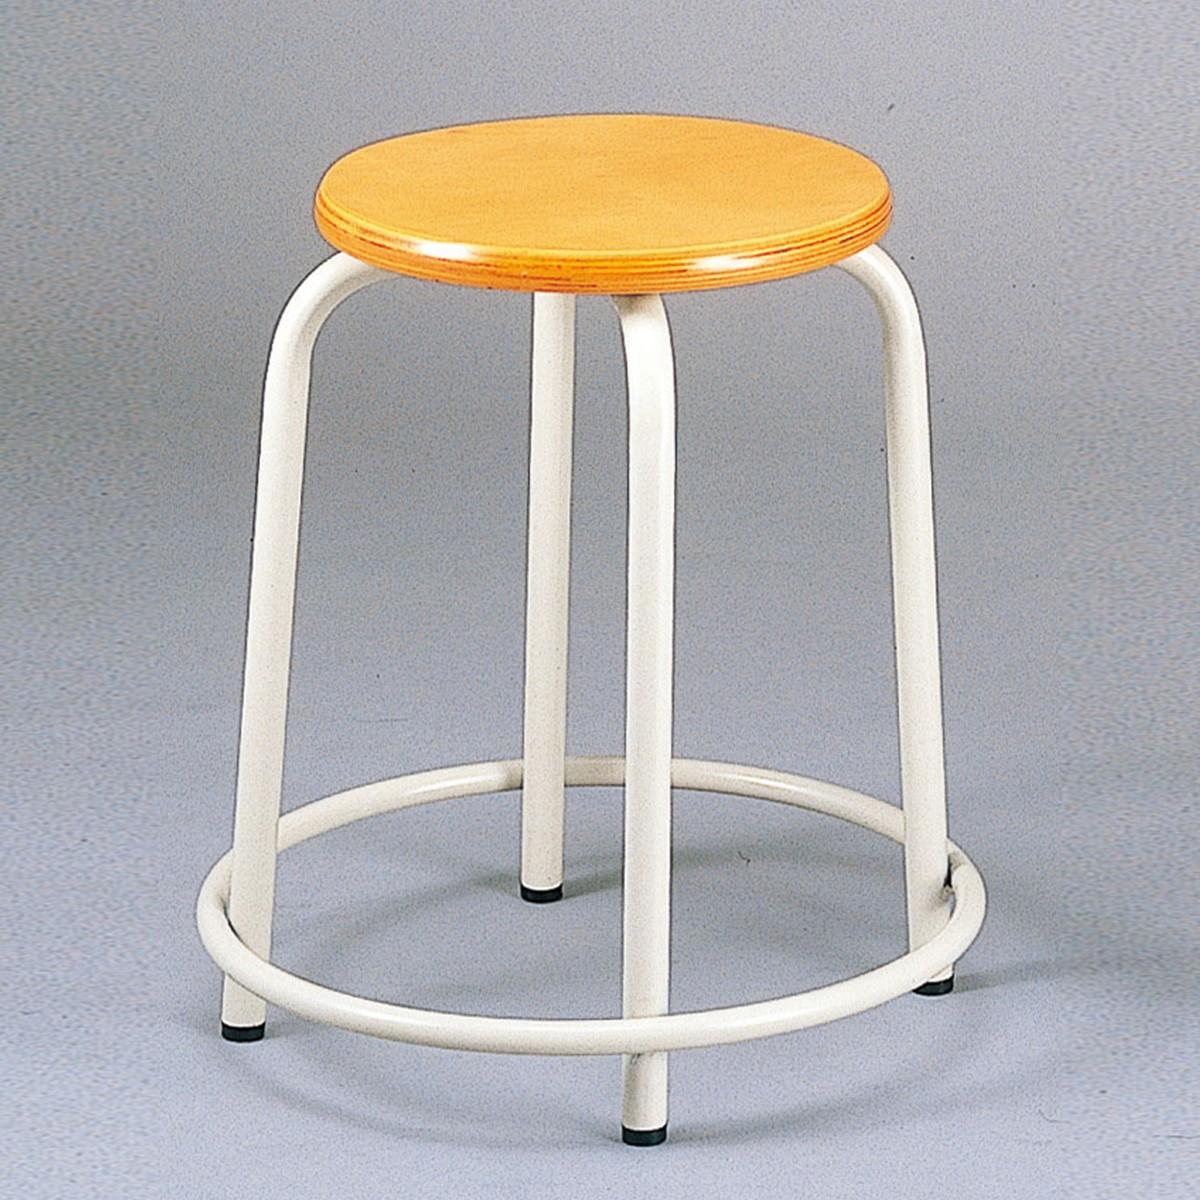 丸型椅子 C-52型 積重ね式 【 学校 美術 図工室 椅子 】